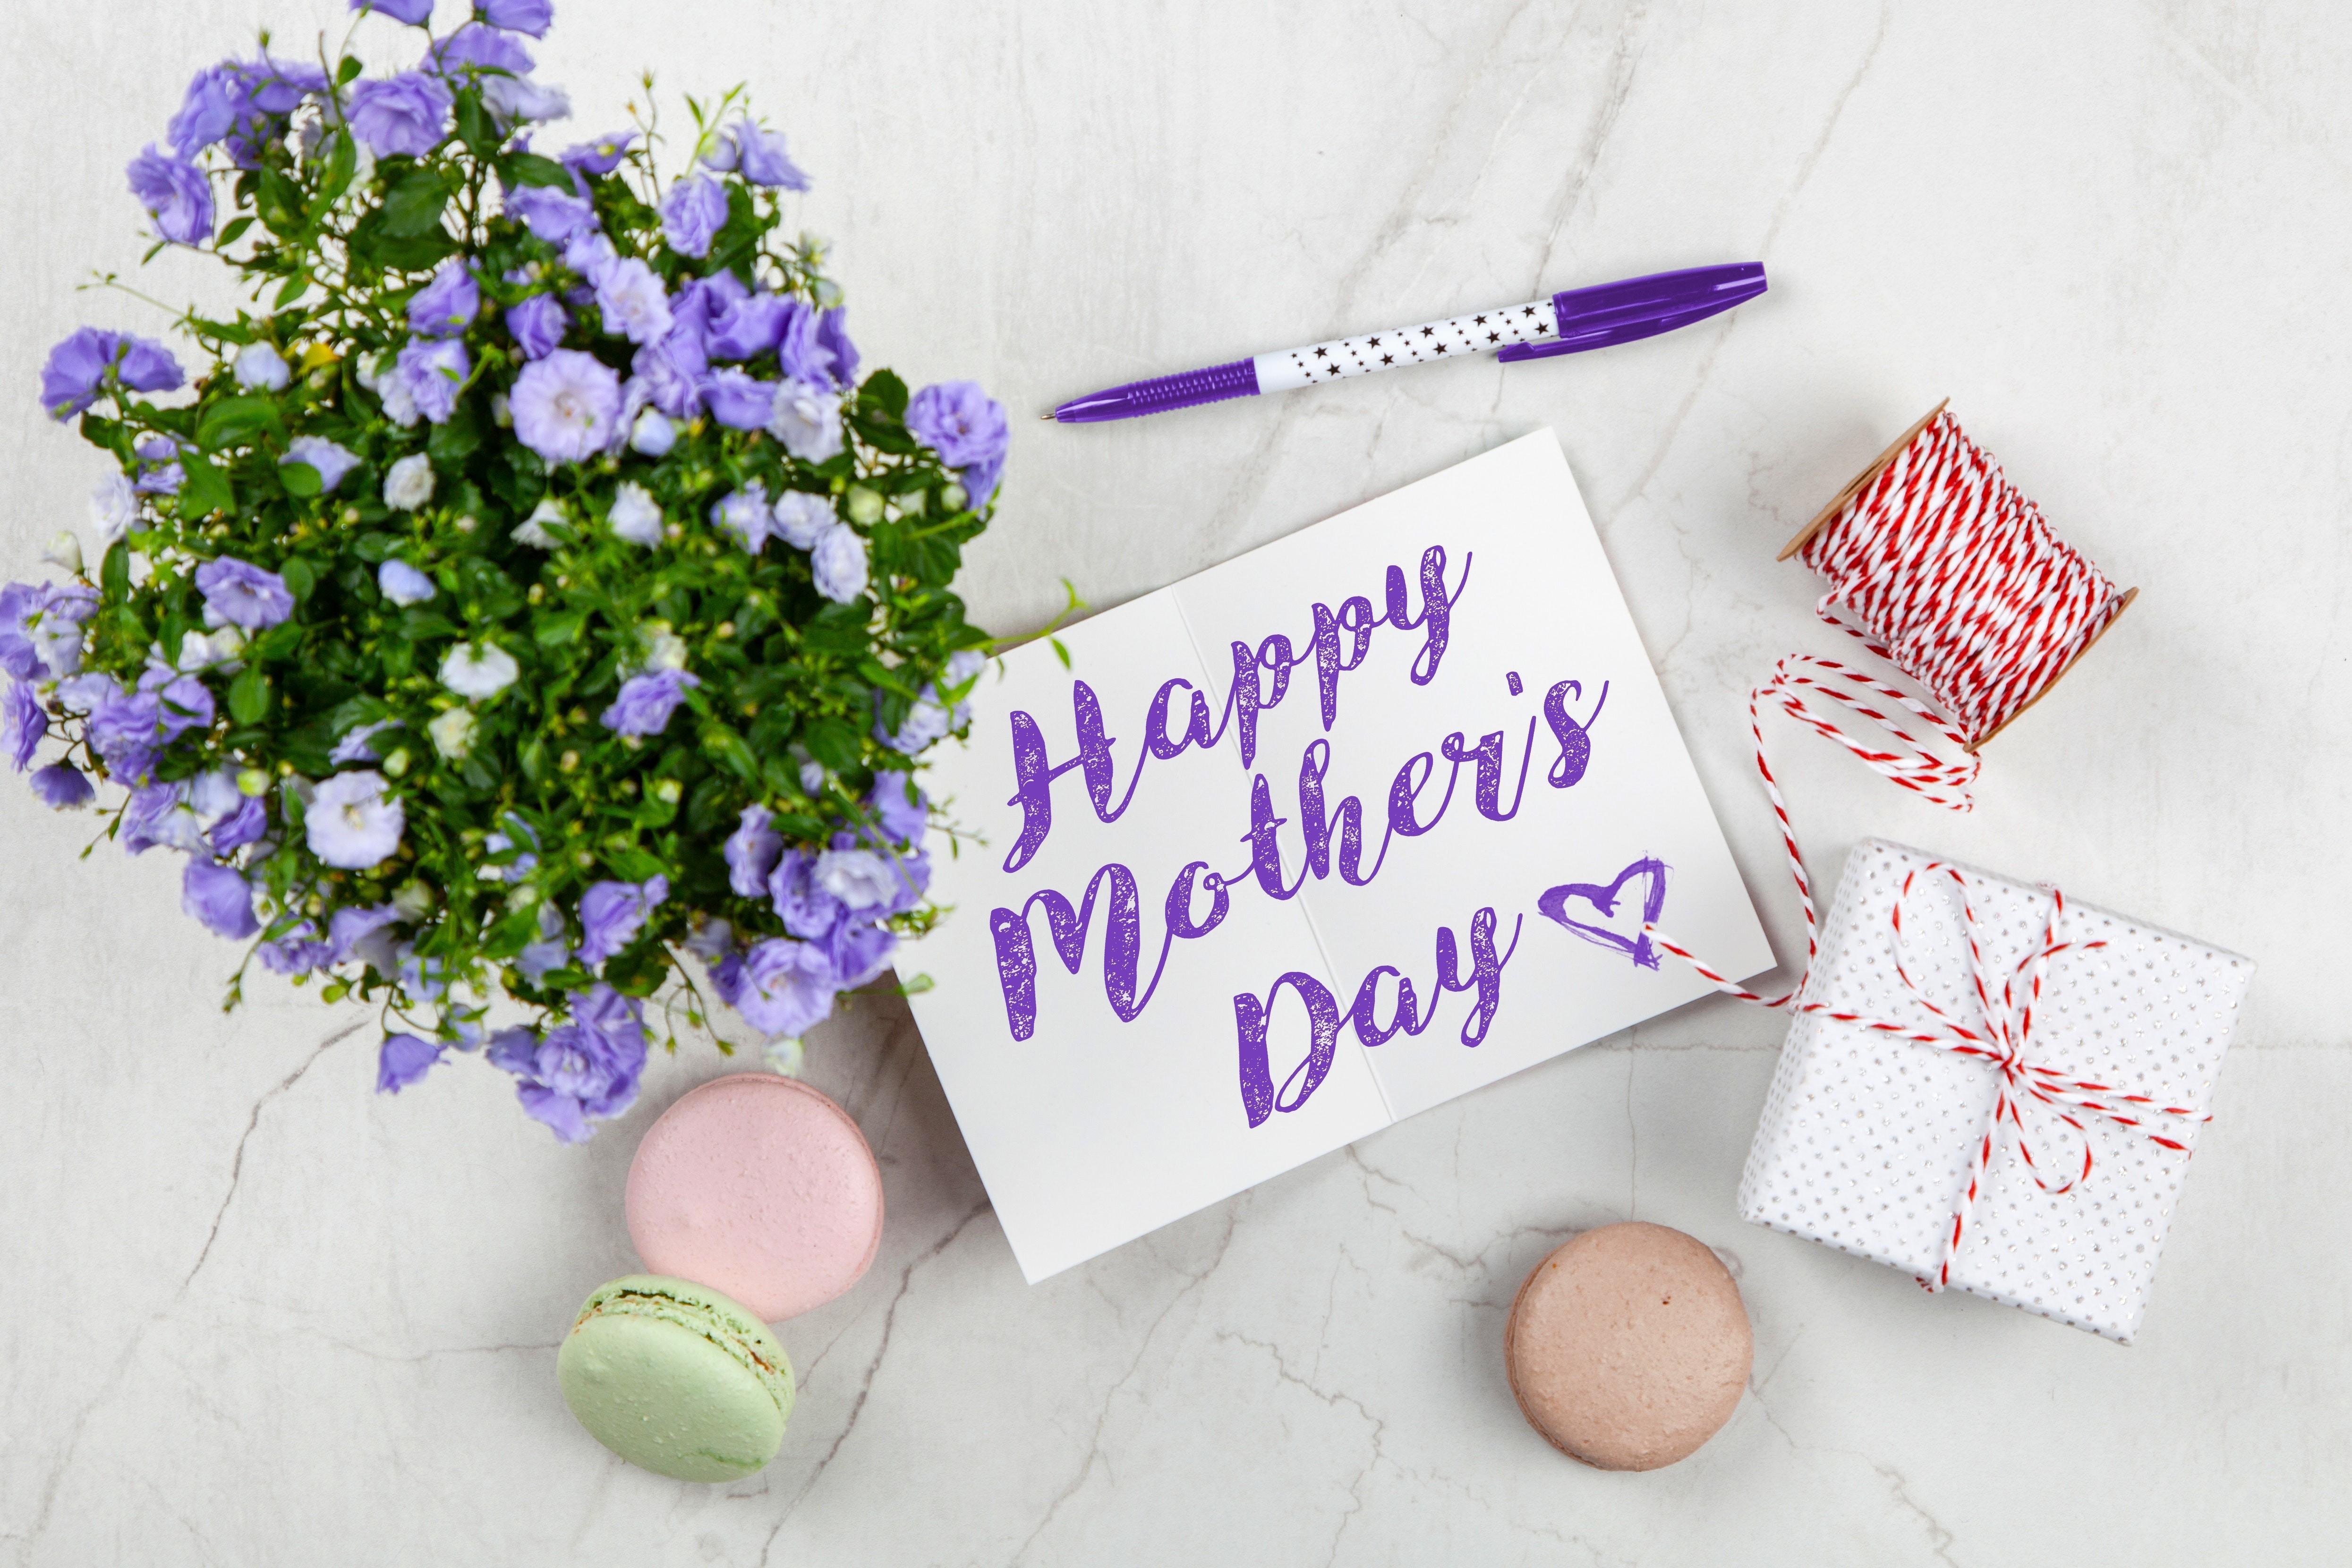 ▲母親節 。(圖/取自免費圖庫Pexels)